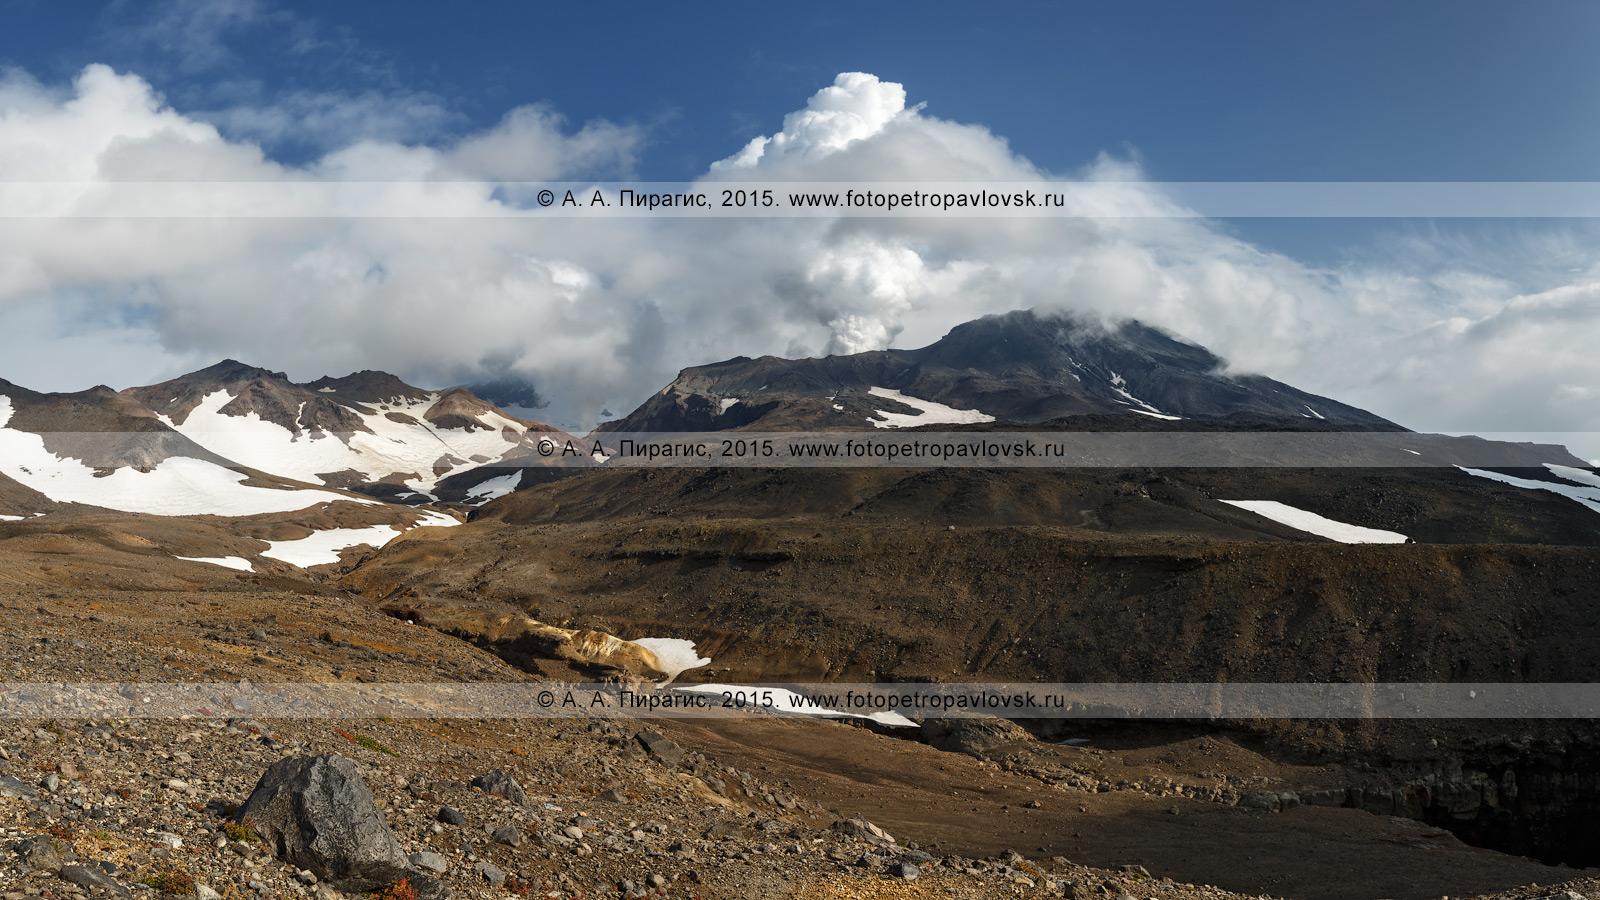 Фотография (панорама): камчатский пейзаж — живописный вид на действующий Мутновский вулкан (Mutnovsky Volcano). Полуостров Камчатка, Мутновско-Гореловская группа вулканов